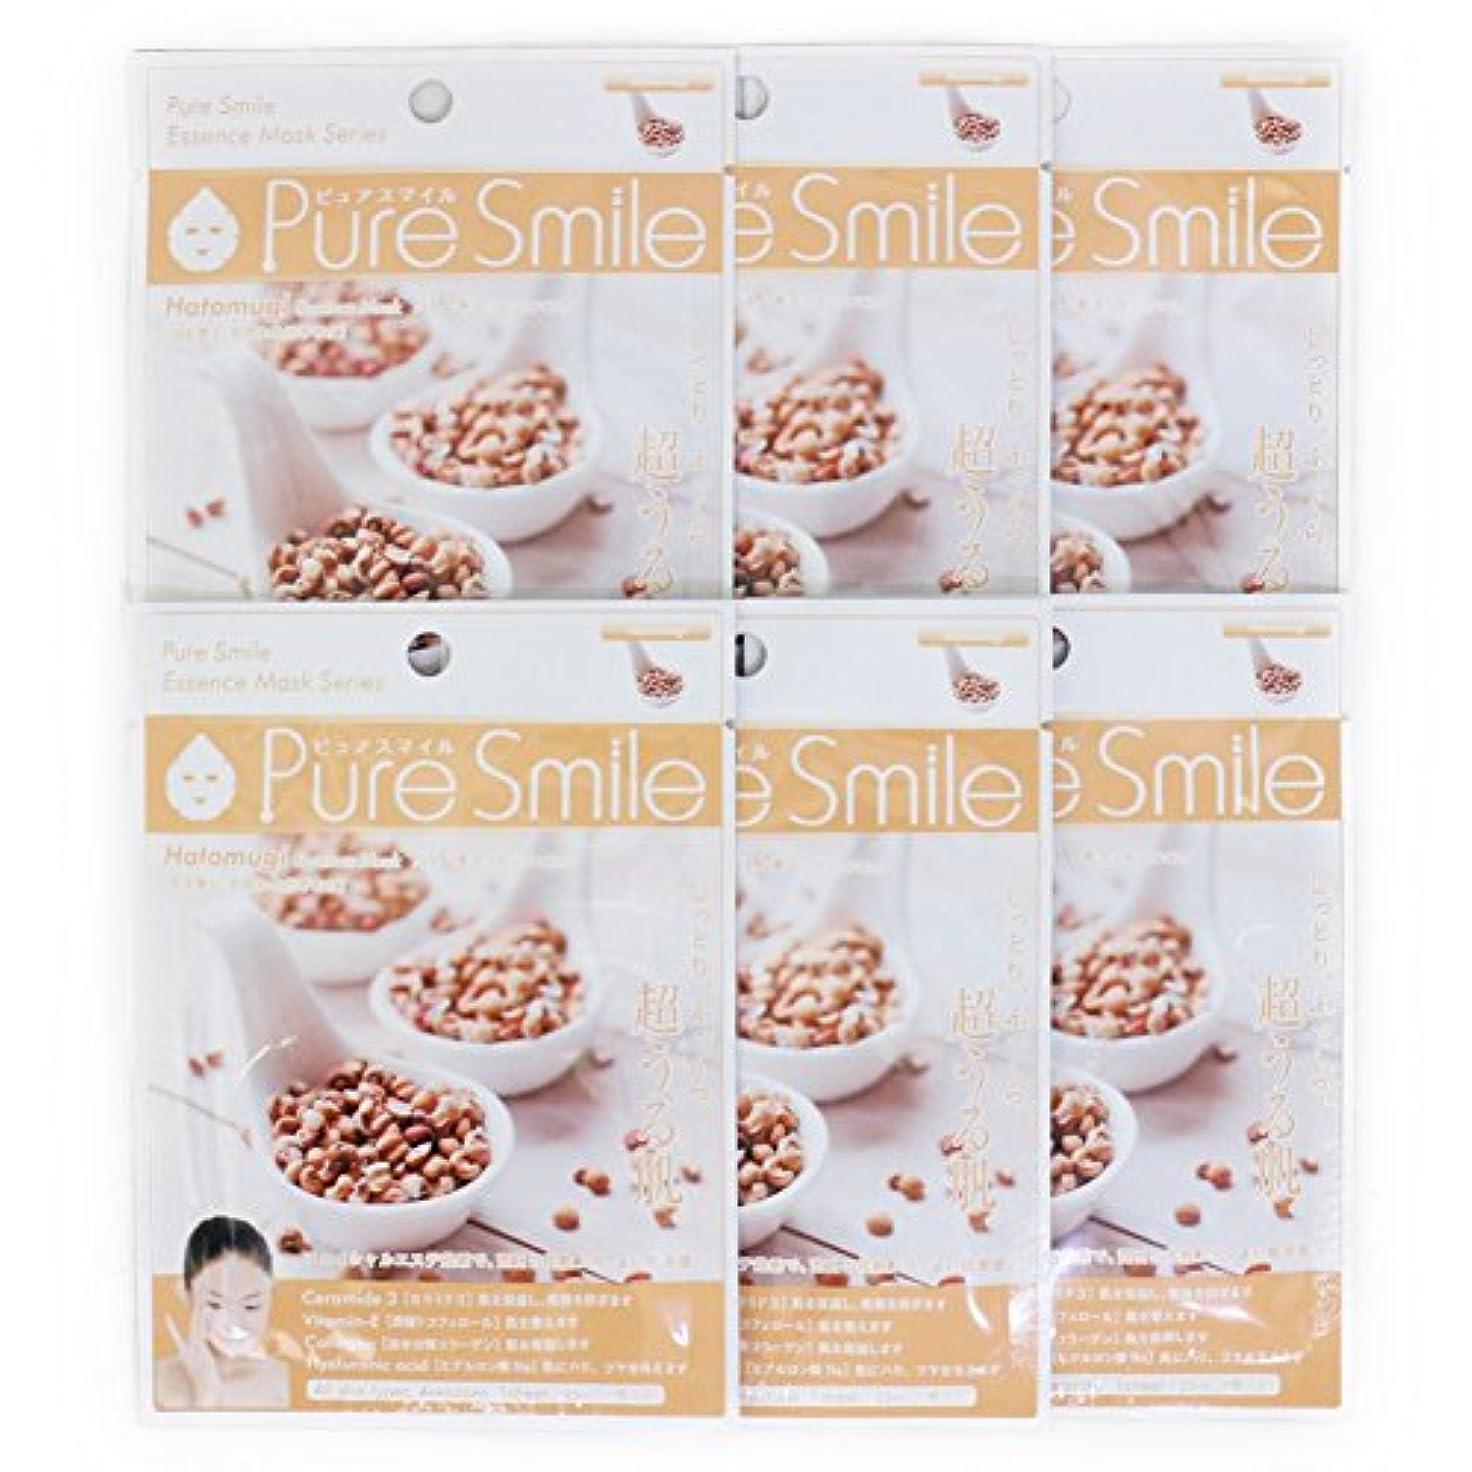 Pure Smile ピュアスマイル エッセンスマスク ハトムギ 6枚セット